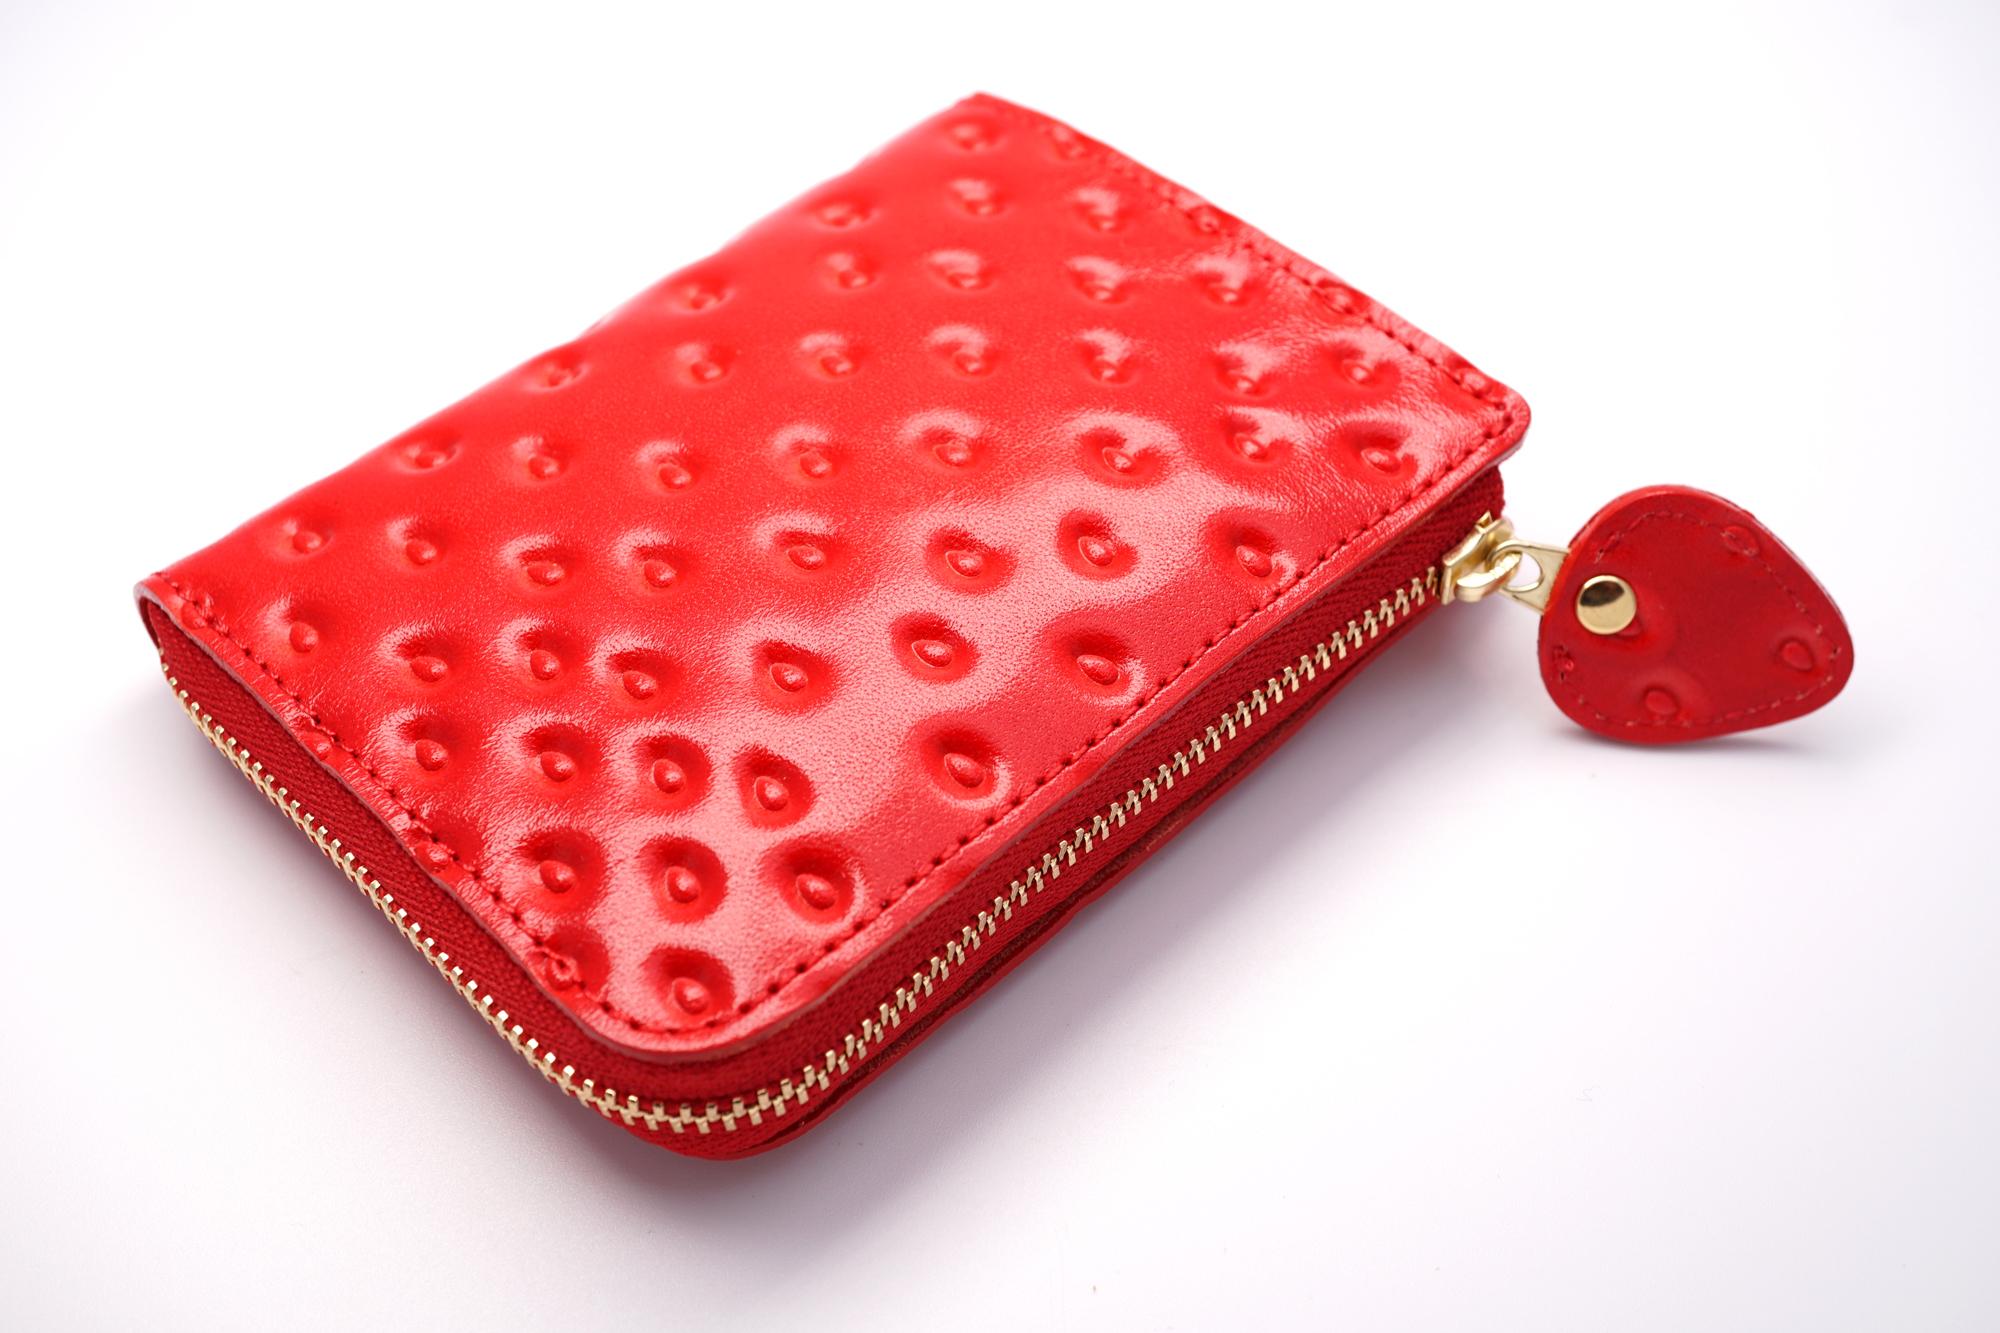 薄型!いちごなL字ファスナーミニ財布(牛革製)/「プチいちご」引き手タイプ